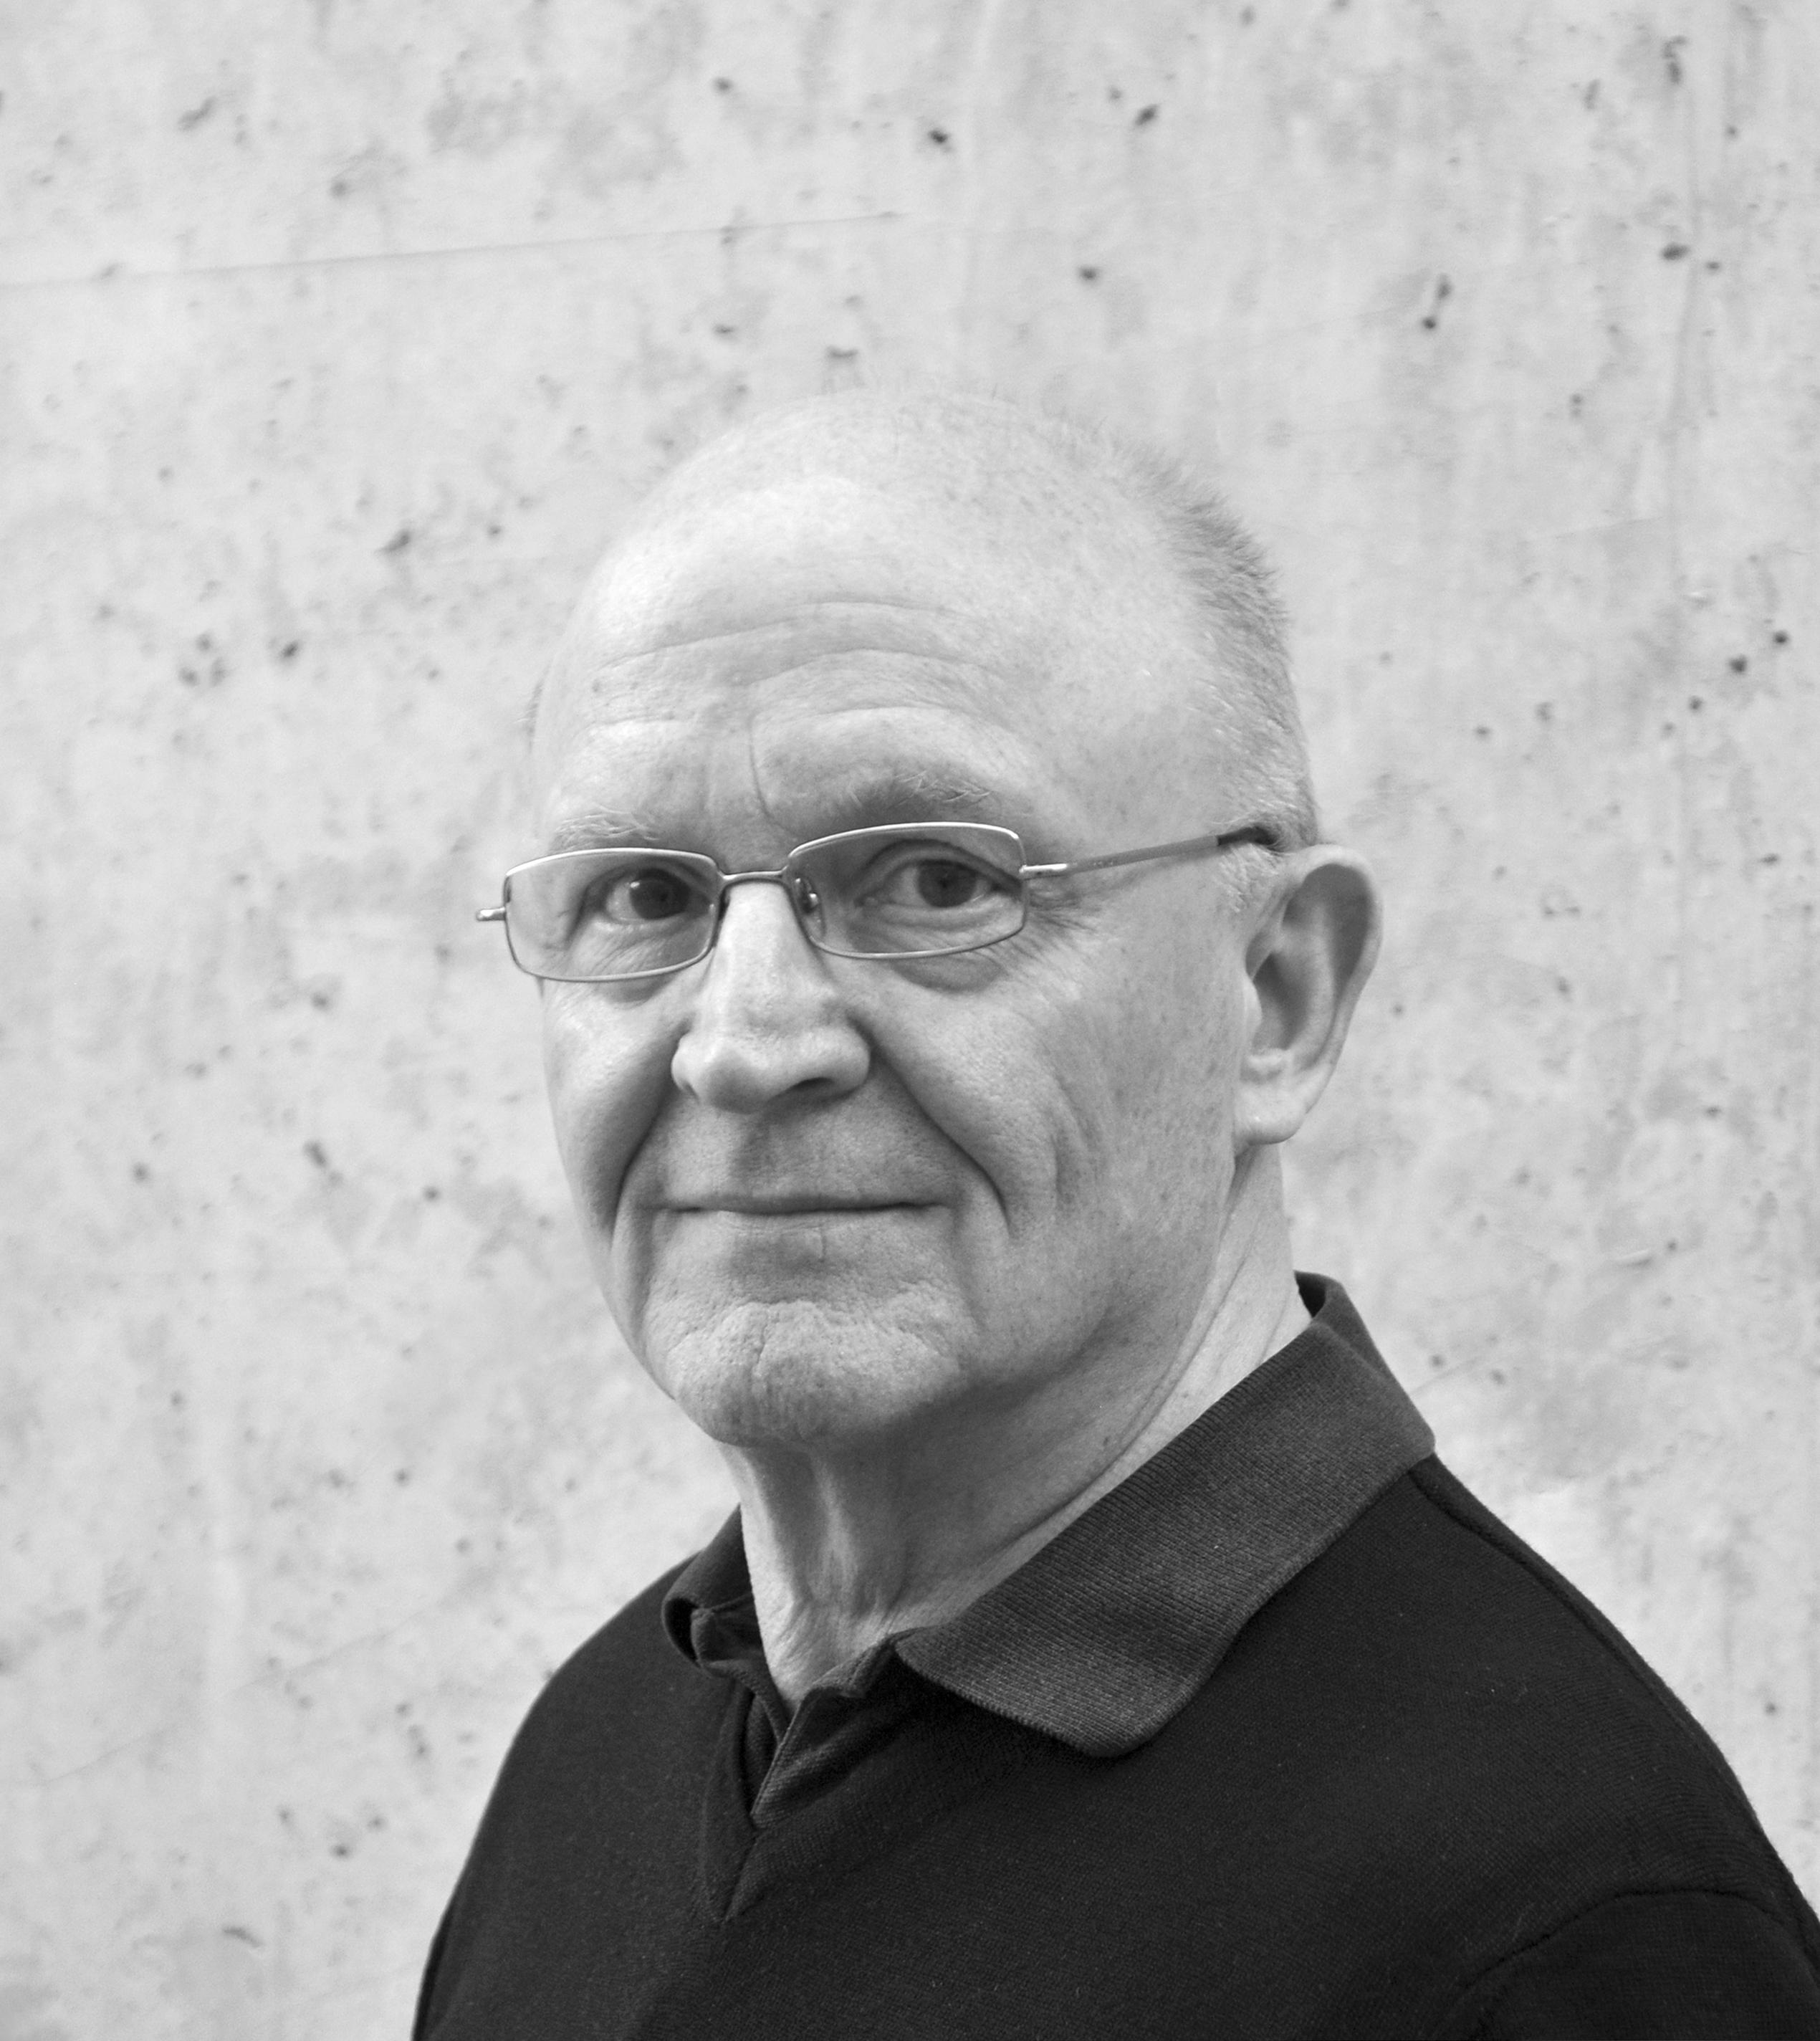 Eventbild für MÜNSTER LECTURES // Prof. Wilhelm Schürmann, Fotograf, BERLIN